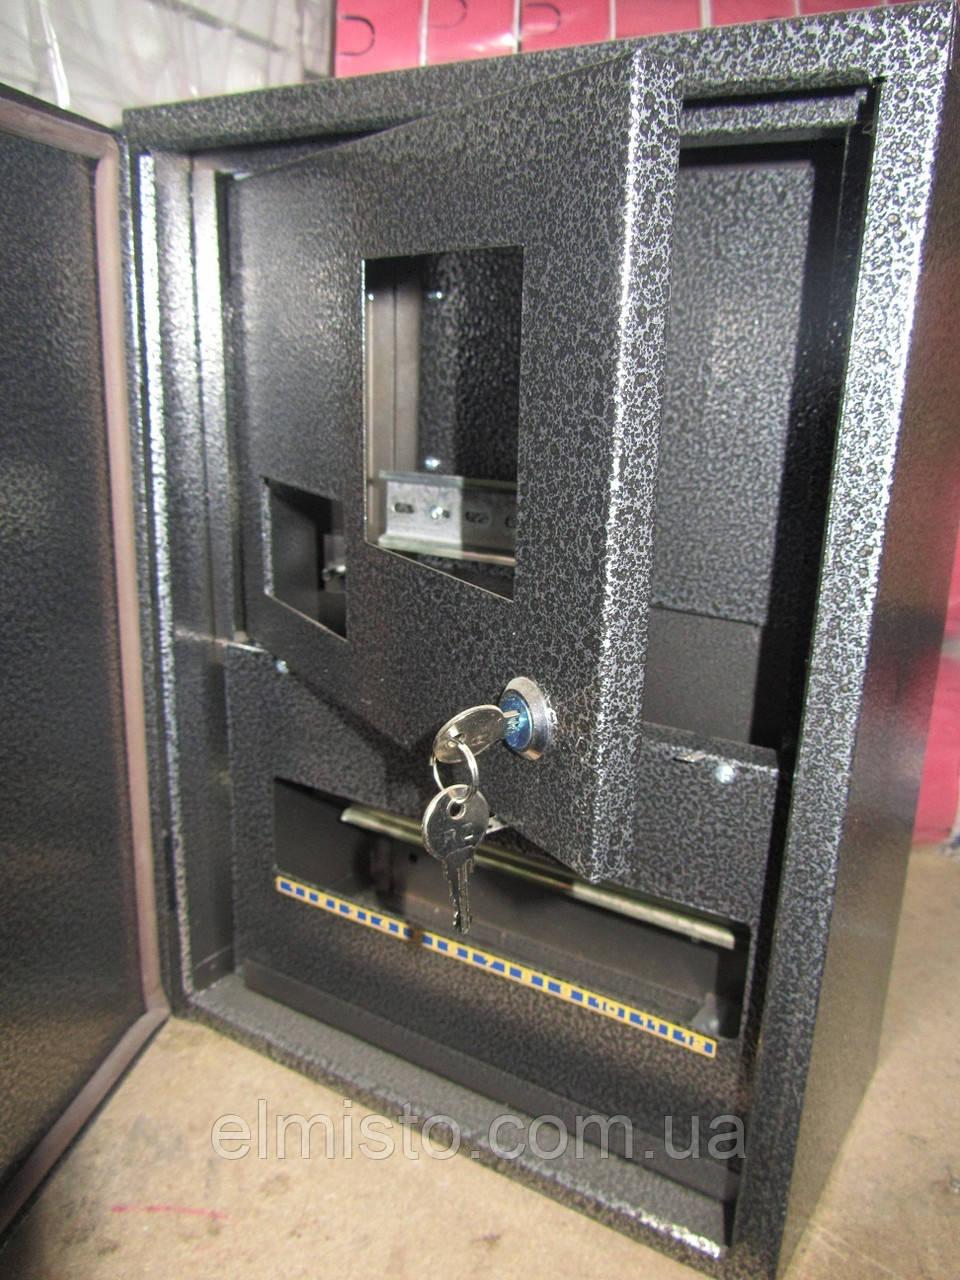 Щит вуличний герметичний антивандальний під 1ф електролічильник 2-х дверна